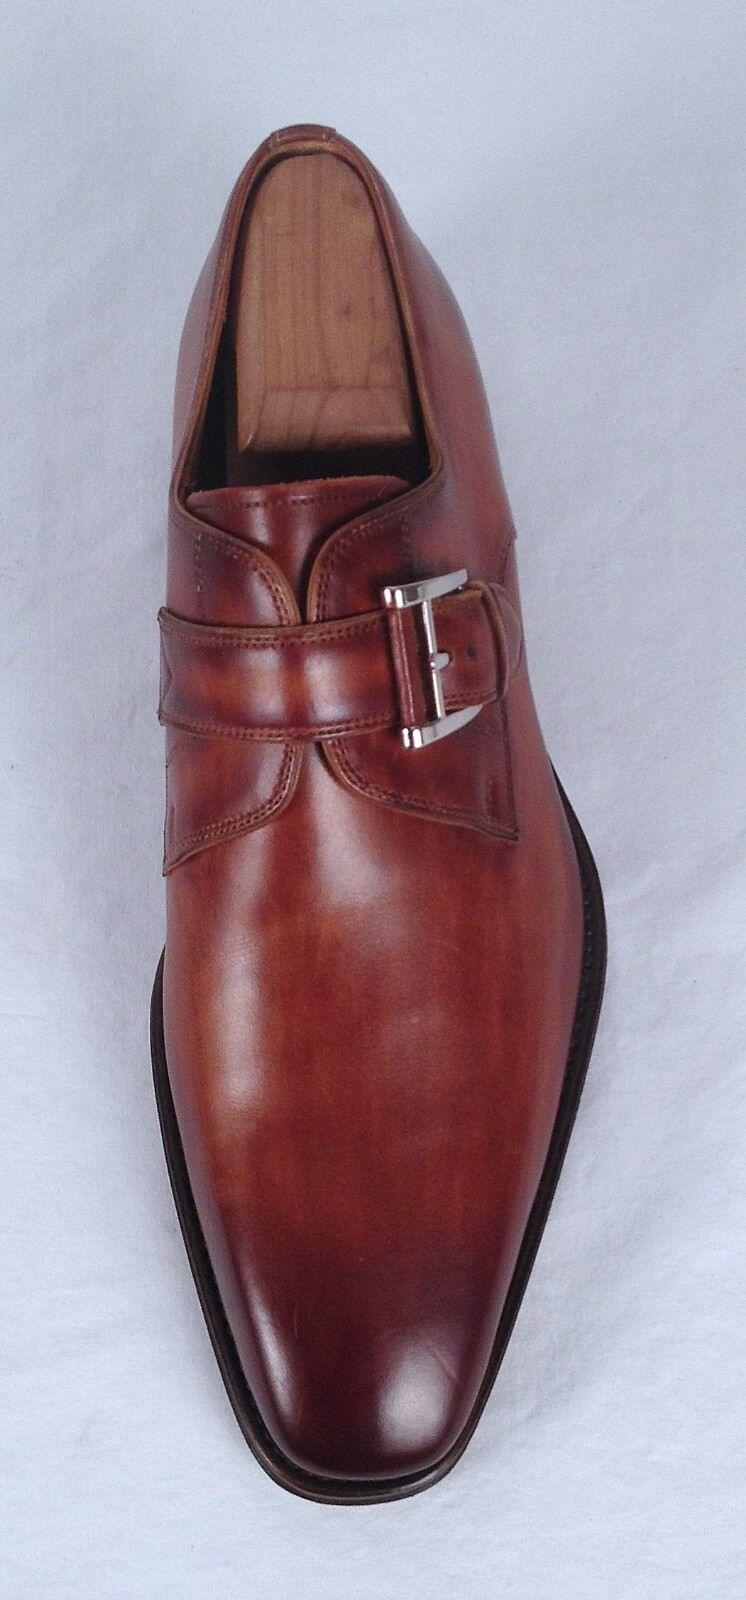 Magnanni 'Marco' Monk Strap- Cuero  Brown- Size 8 M   Cuero 325  (H2) f1b644